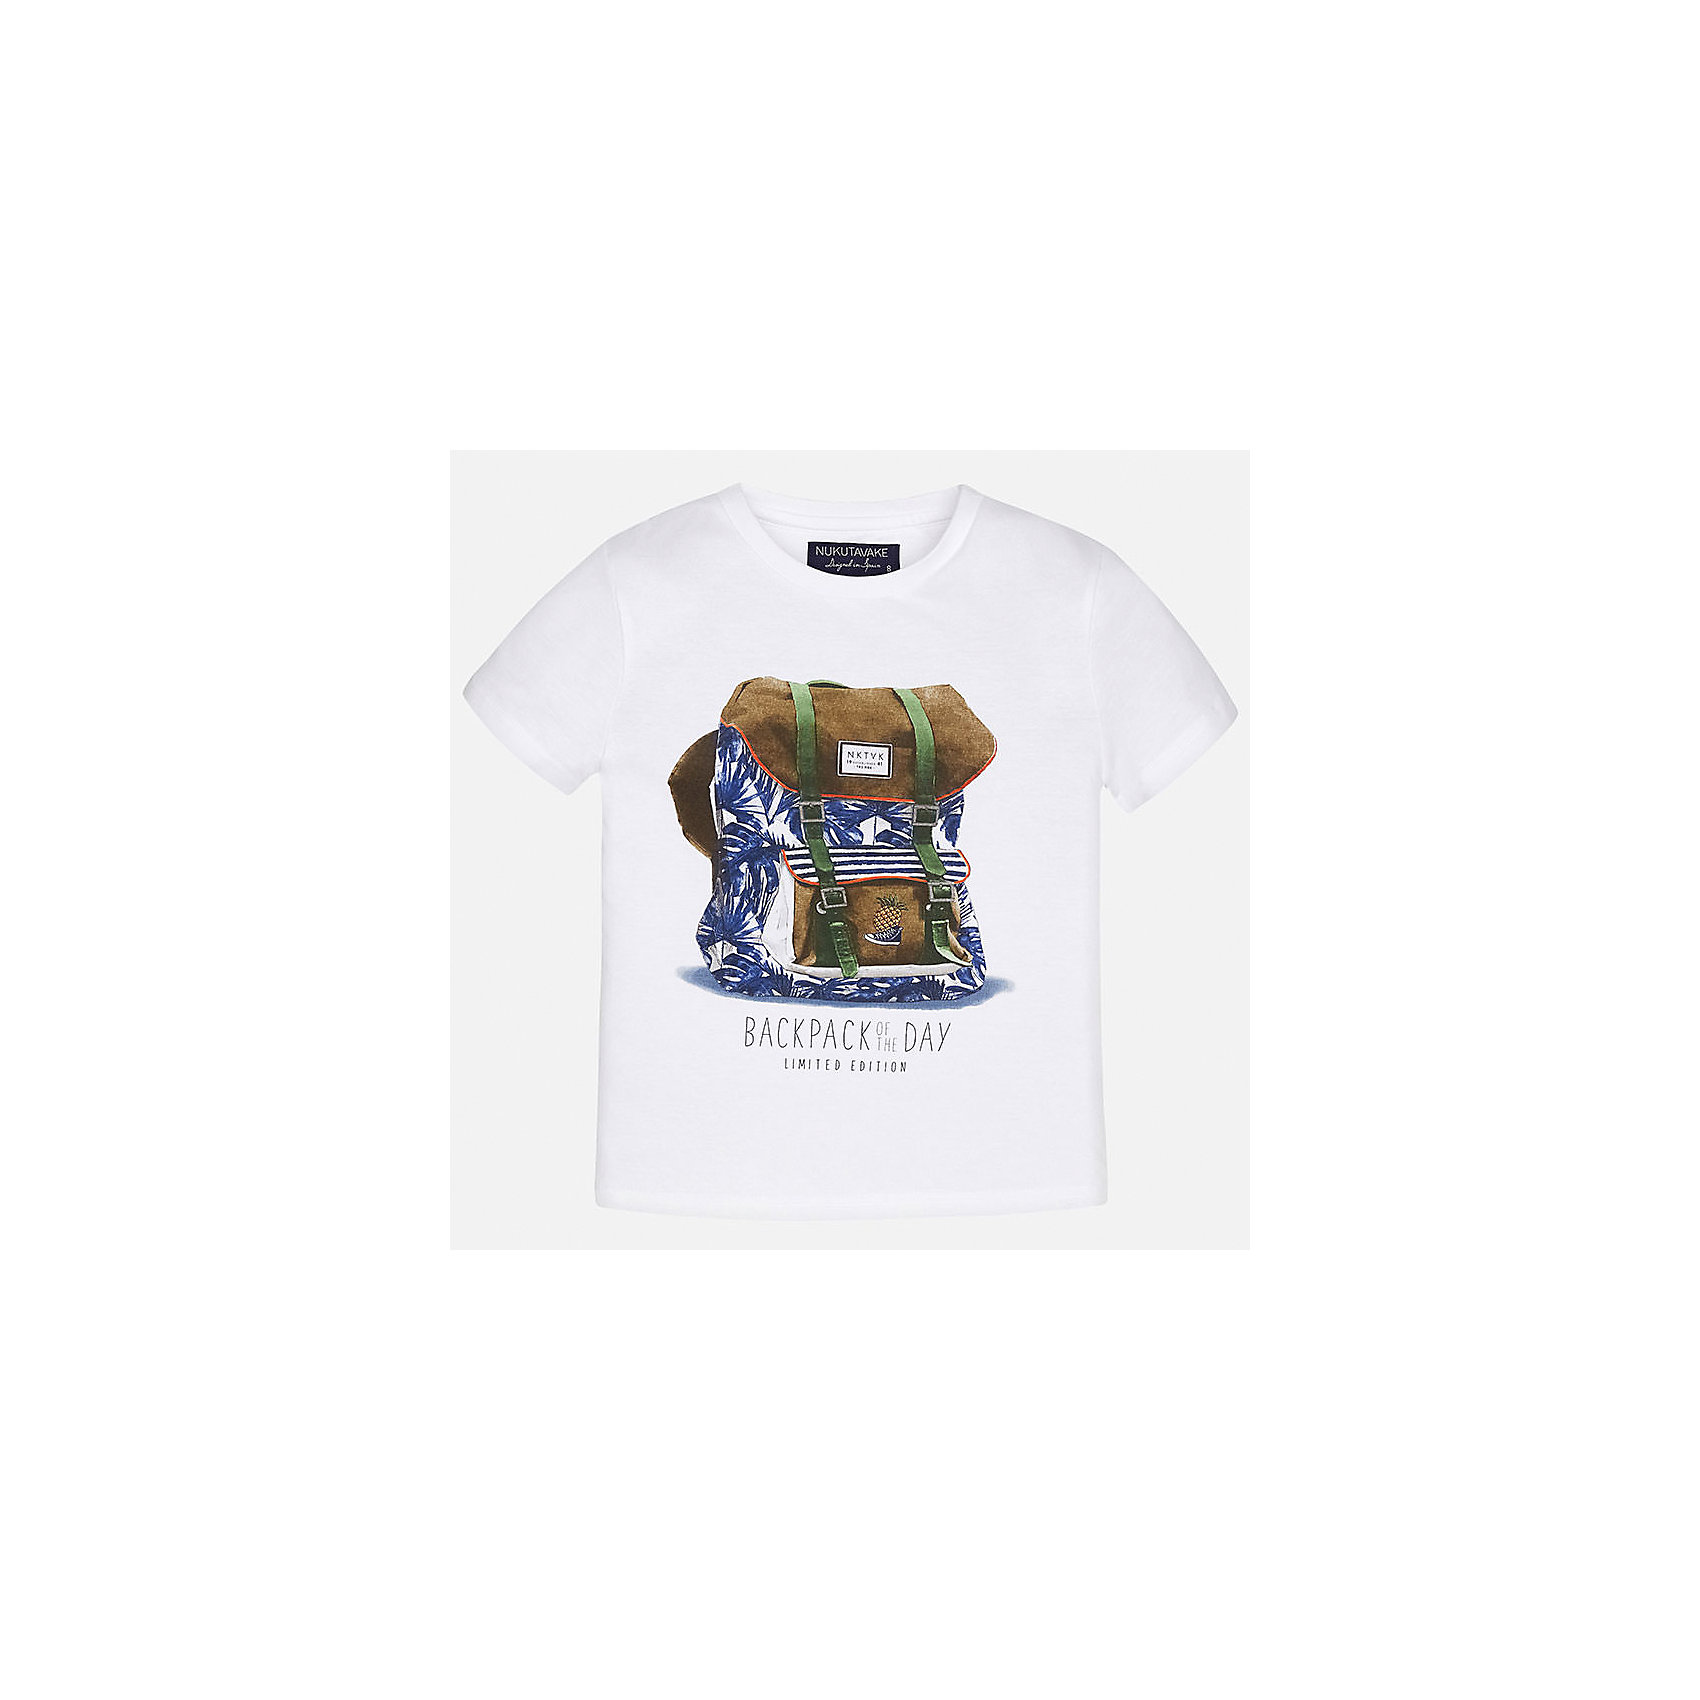 Футболка для мальчика MayoralХарактеристики товара:<br><br>• цвет: белый<br>• состав: 100% хлопок<br>• круглый горловой вырез<br>• декорирована принтом<br>• короткие рукава<br>• мягкая отделка горловины<br>• страна бренда: Испания<br><br>Стильная удобная футболка с принтом поможет разнообразить гардероб мальчика. Она отлично сочетается с брюками, шортами, джинсами. Универсальный крой и цвет позволяет подобрать к вещи низ разных расцветок. Практичное и стильное изделие! Хорошо смотрится и комфортно сидит на детях. В составе материала - только натуральный хлопок, гипоаллергенный, приятный на ощупь, дышащий. <br><br>Одежда, обувь и аксессуары от испанского бренда Mayoral полюбились детям и взрослым по всему миру. Модели этой марки - стильные и удобные. Для их производства используются только безопасные, качественные материалы и фурнитура. Порадуйте ребенка модными и красивыми вещами от Mayoral! <br><br>Футболку для мальчика от испанского бренда Mayoral (Майорал) можно купить в нашем интернет-магазине.<br><br>Ширина мм: 199<br>Глубина мм: 10<br>Высота мм: 161<br>Вес г: 151<br>Цвет: белый<br>Возраст от месяцев: 120<br>Возраст до месяцев: 132<br>Пол: Мужской<br>Возраст: Детский<br>Размер: 158,170,164,152,140,128/134<br>SKU: 5281302